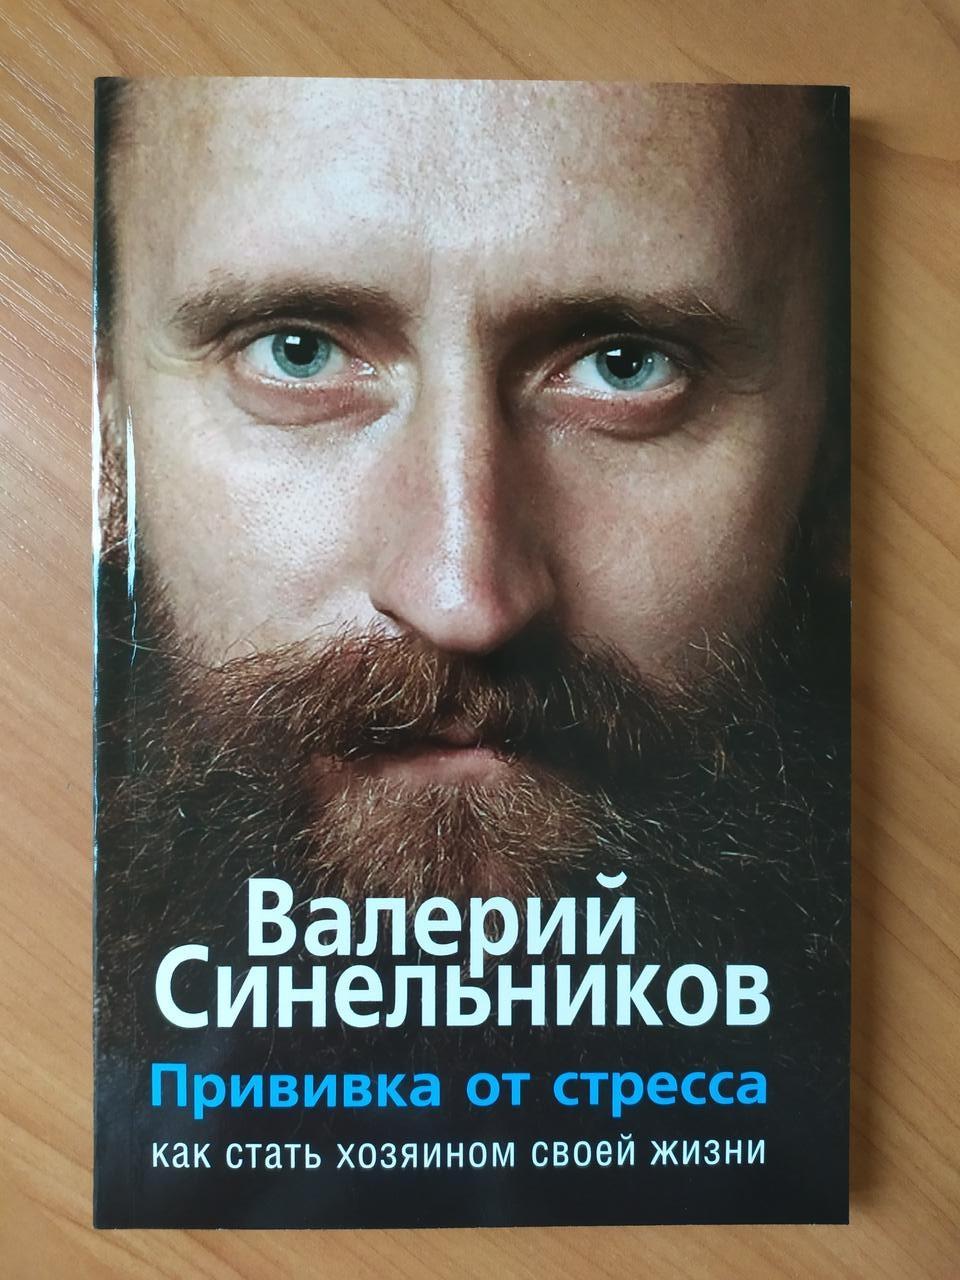 Валерий Синельников. Прививка от стресса. Как стать хозяином своей жизни (мягкая)